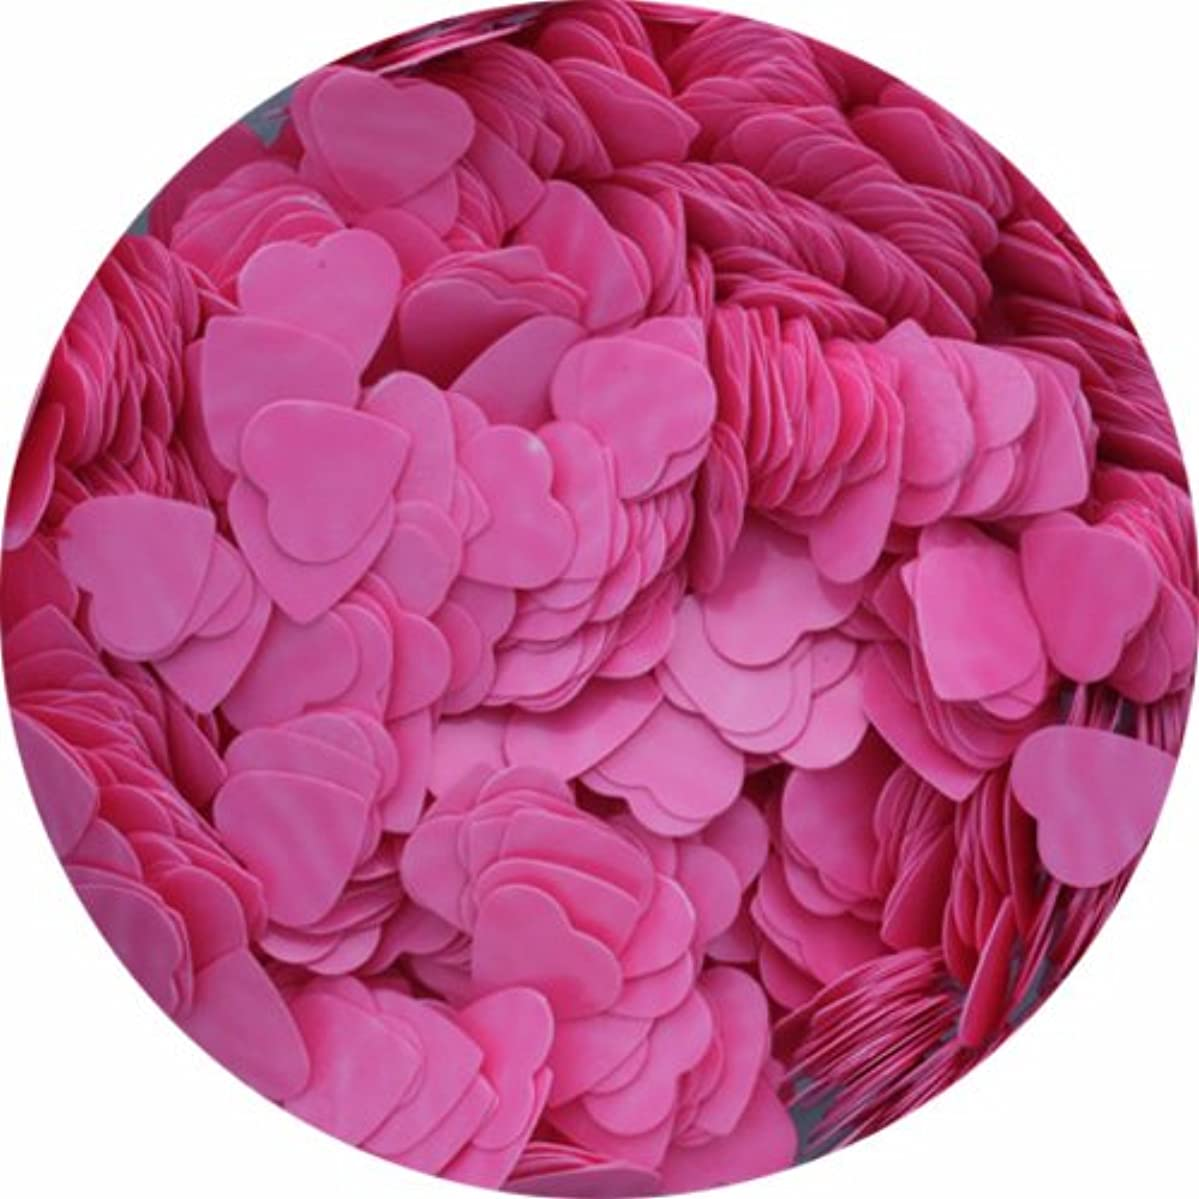 かび臭いグリーンランド未就学ビューティーネイラー ネイル用パウダー 黒崎えり子 ジュエリーコレクション ピンクハート